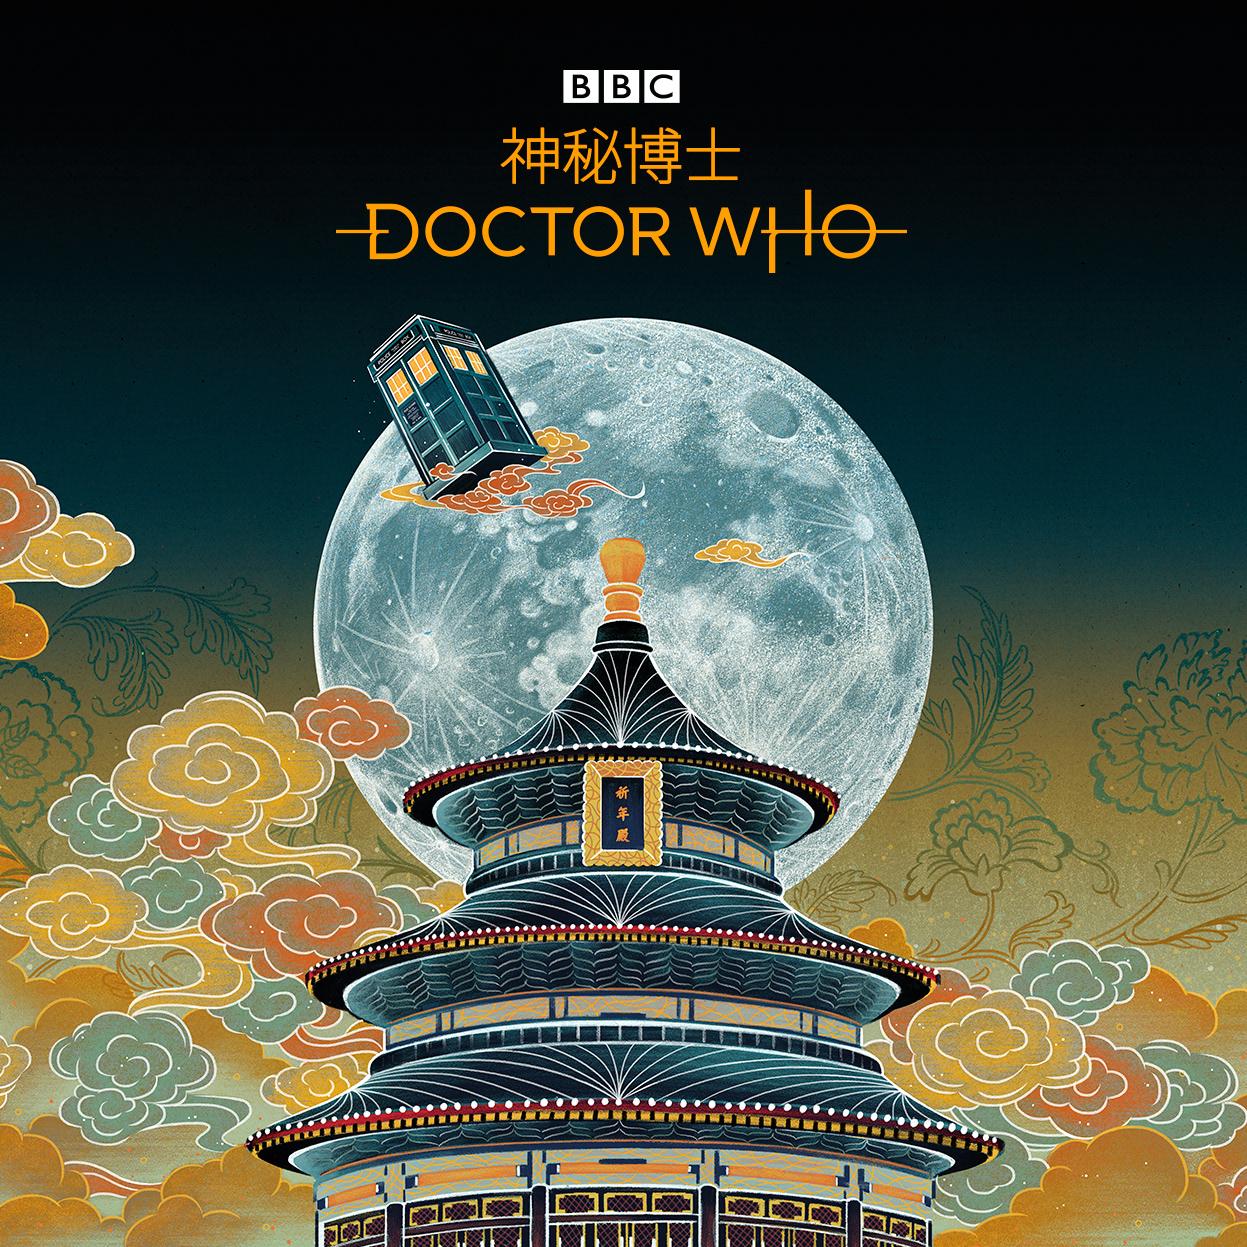 feifei-ruan-dr-who-06 Il TARDIS della serie Doctor Who si fa un viaggio in cina!